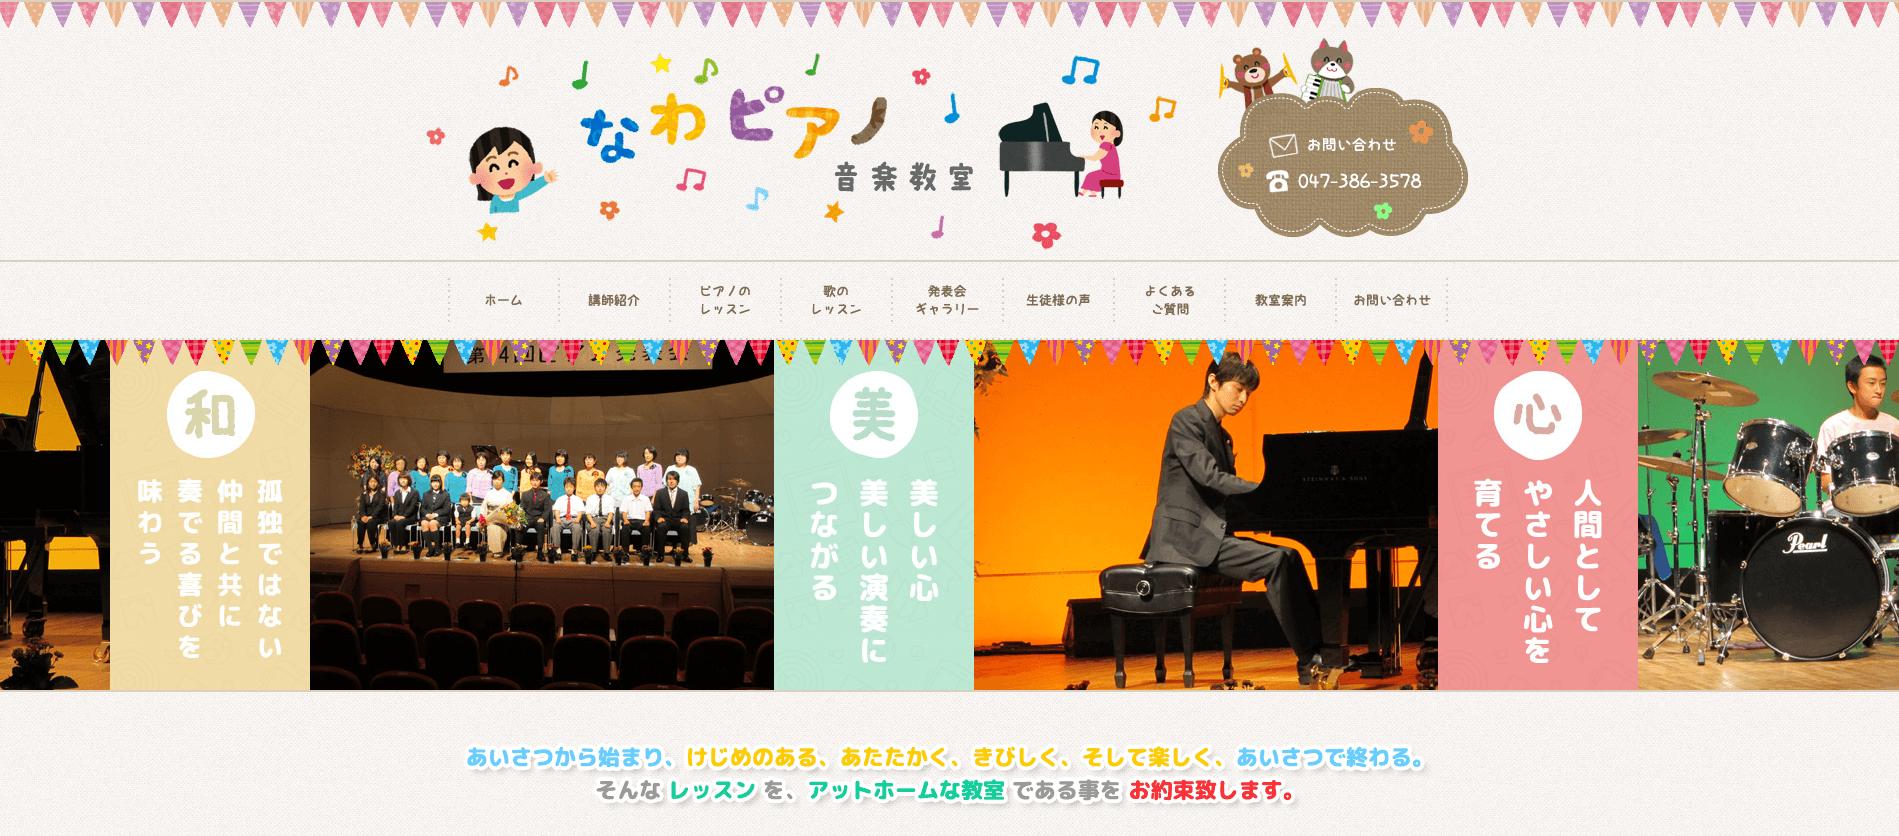 名輪ピアノ音楽教室